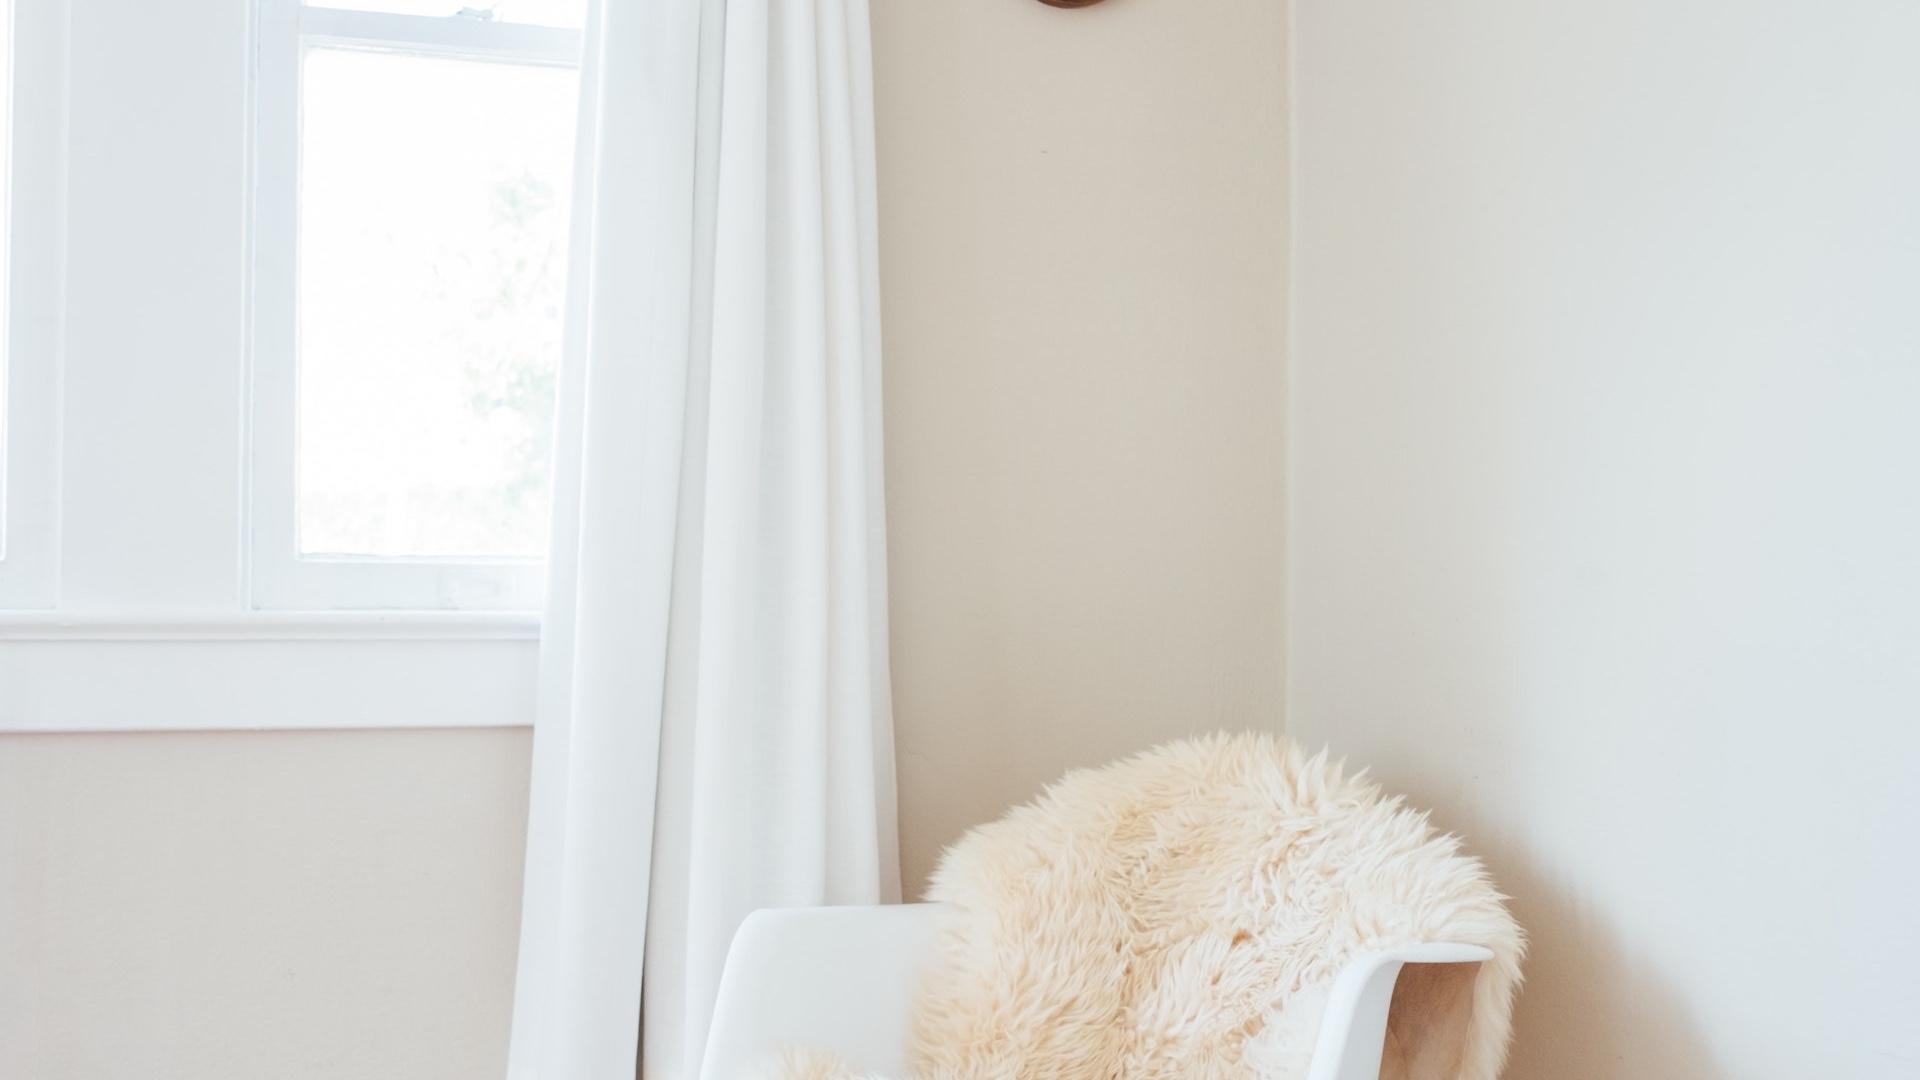 白いカーテンと椅子のある部屋の無料バーチャル背景素材